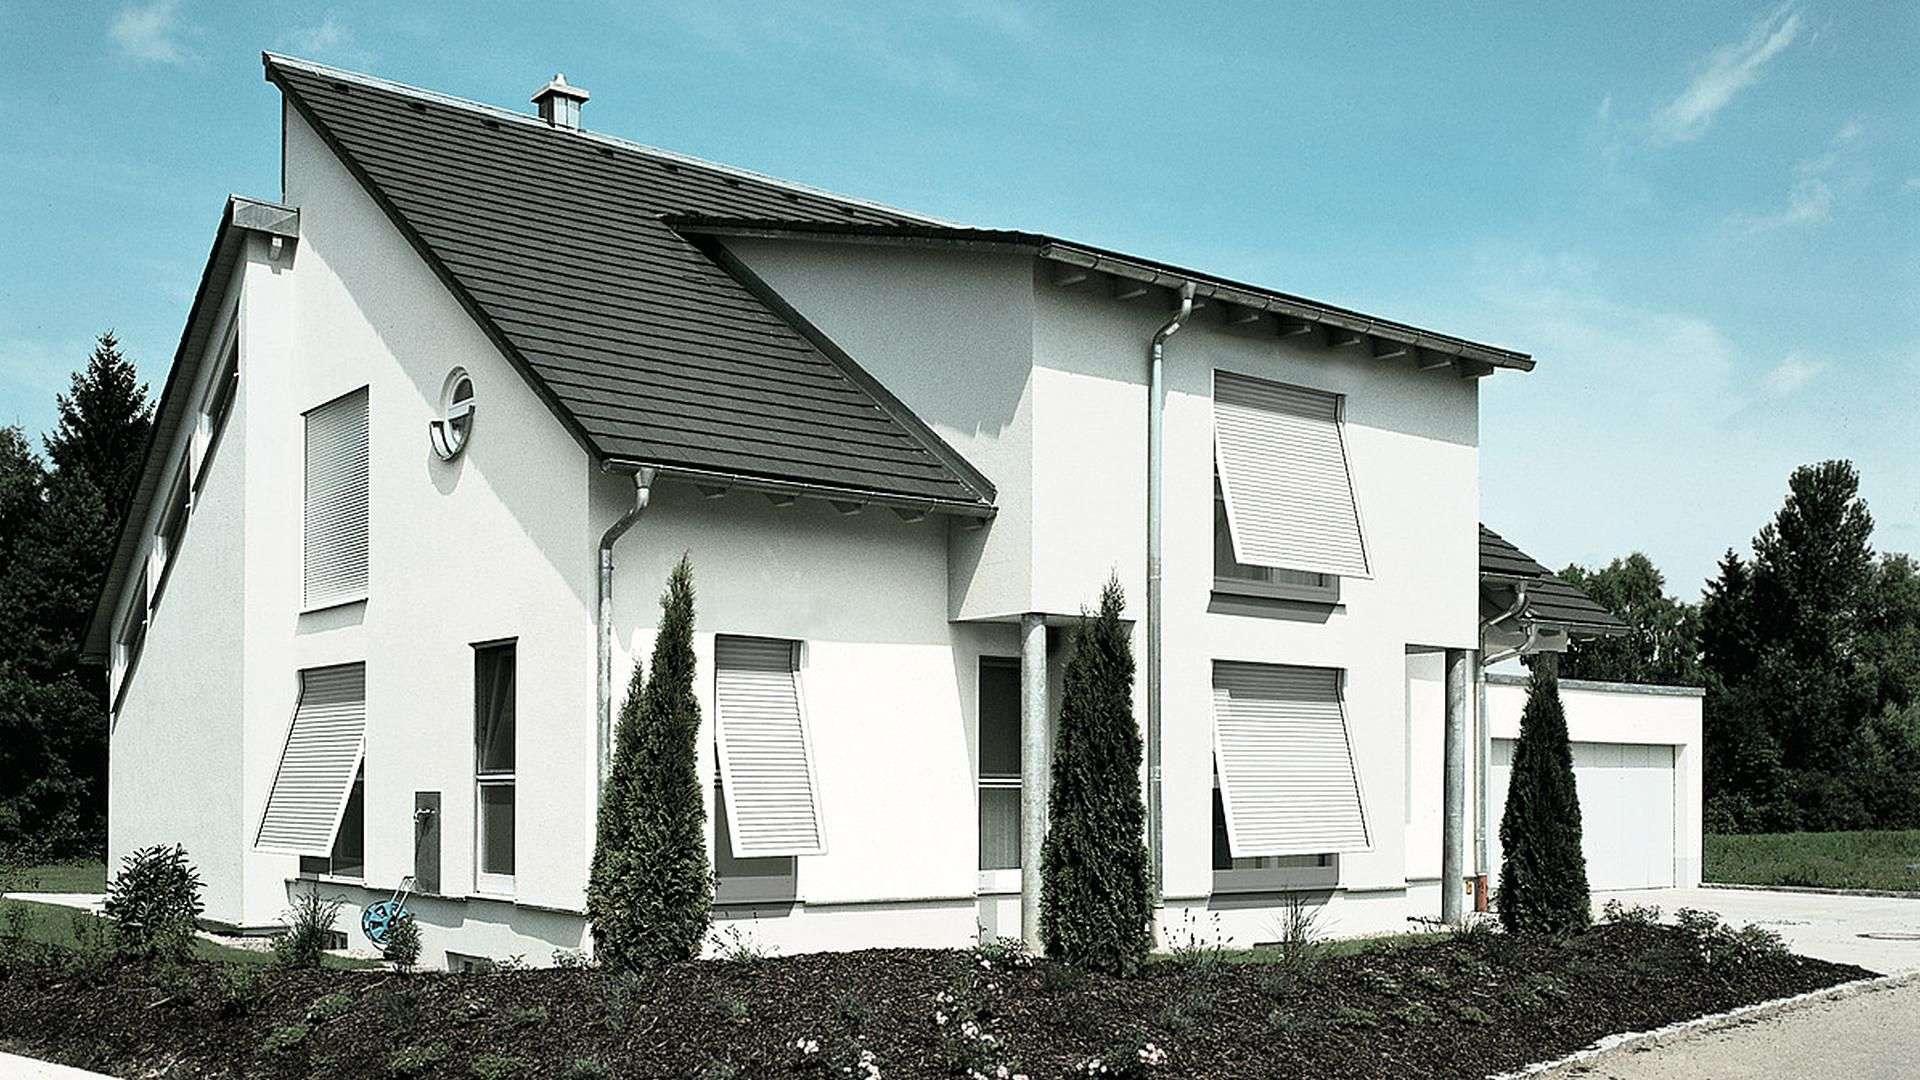 weißes Wohnhaus mit vielen Markisen vor den Fenstern